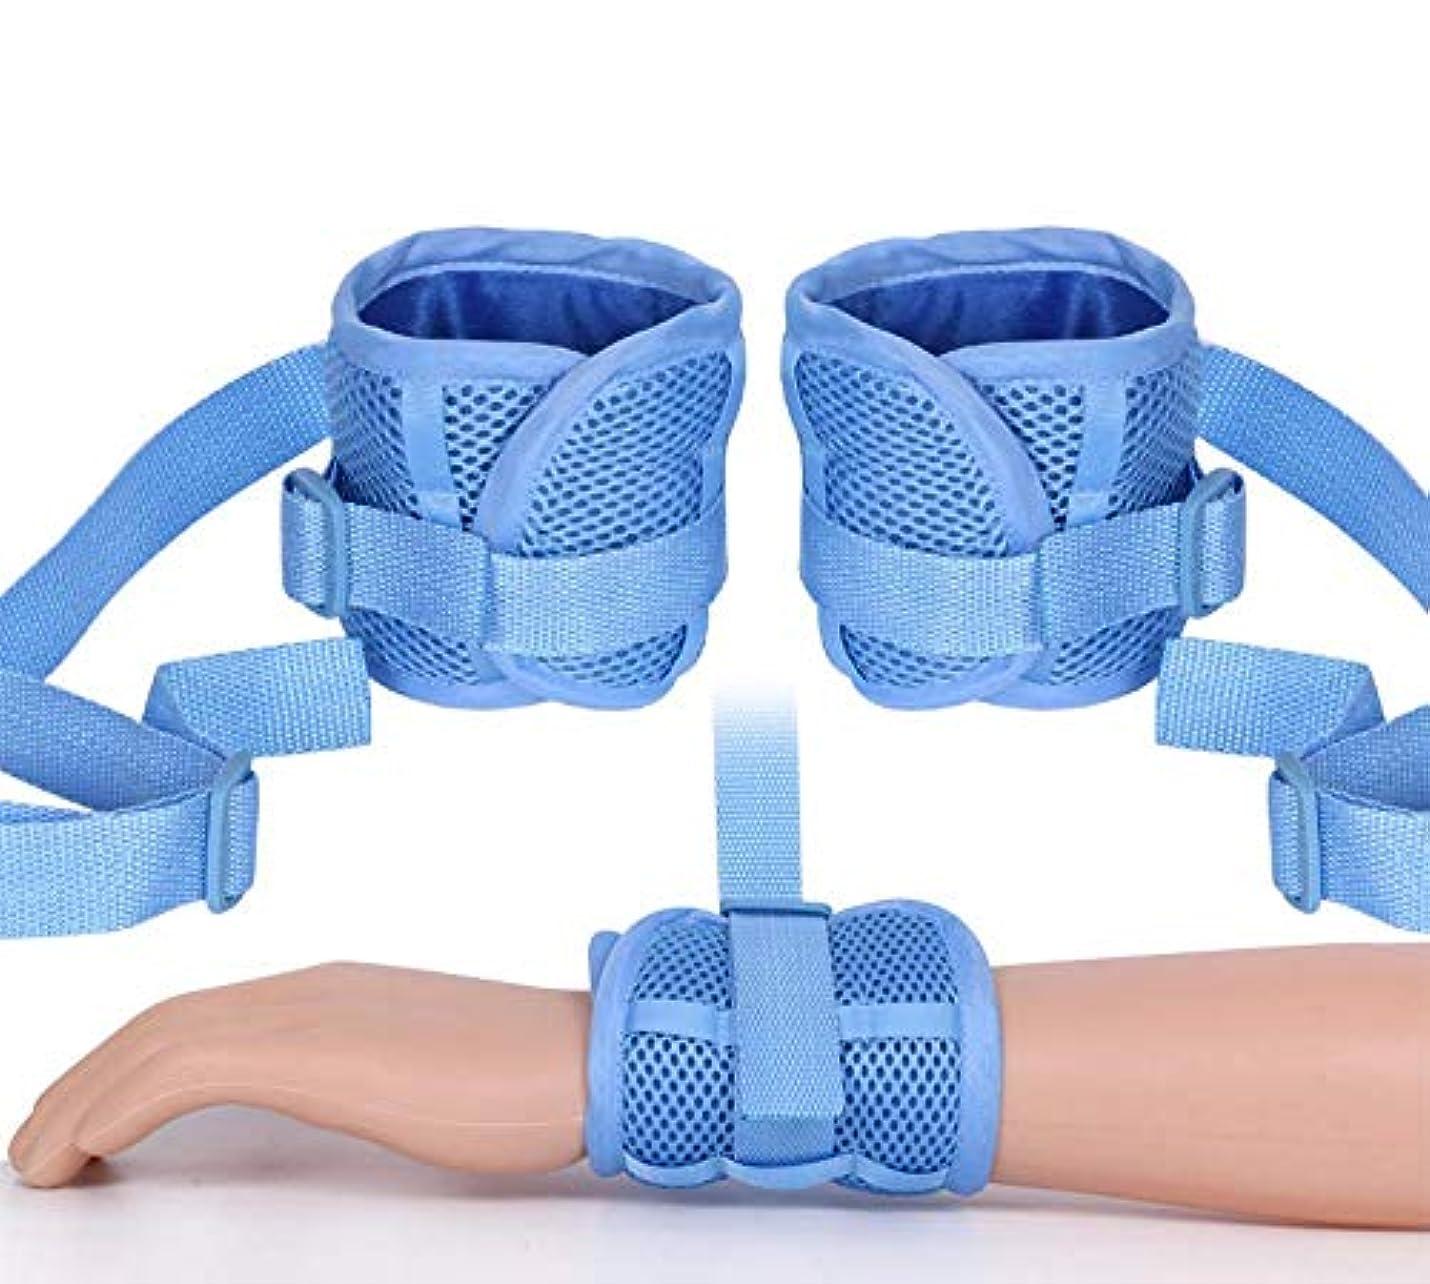 マルクス主義者再び王子手や足ユーチューブニバーサル制約コントロールクイックリリース(1ペア)のための制御四肢ホルダー医療拘束患者の病院のベッドの四肢ホルダー